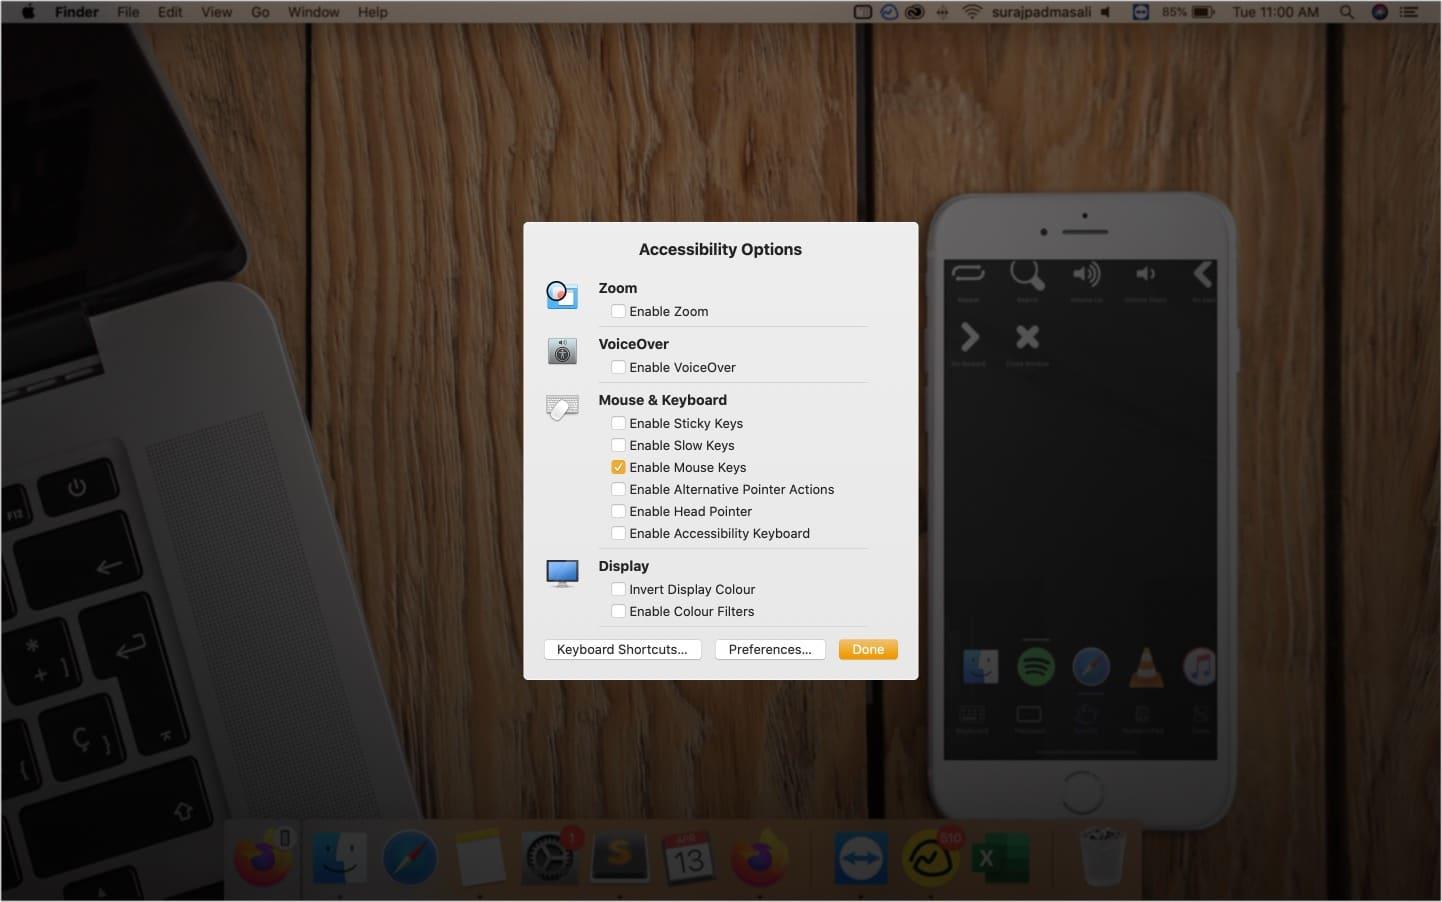 Нажмите опциональную команду F5, чтобы открыть ярлык специальных возможностей на Mac.